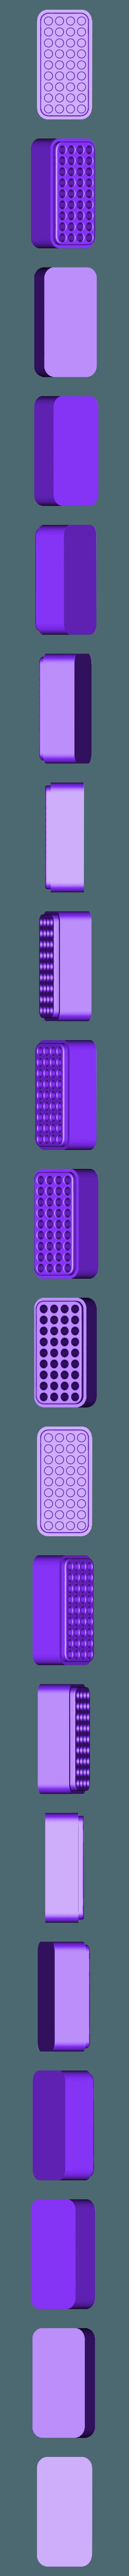 Body.stl Télécharger fichier STL gratuit Boîte de rangement pour fer à souder 900M-T • Design pour impression 3D, Ruvimkub